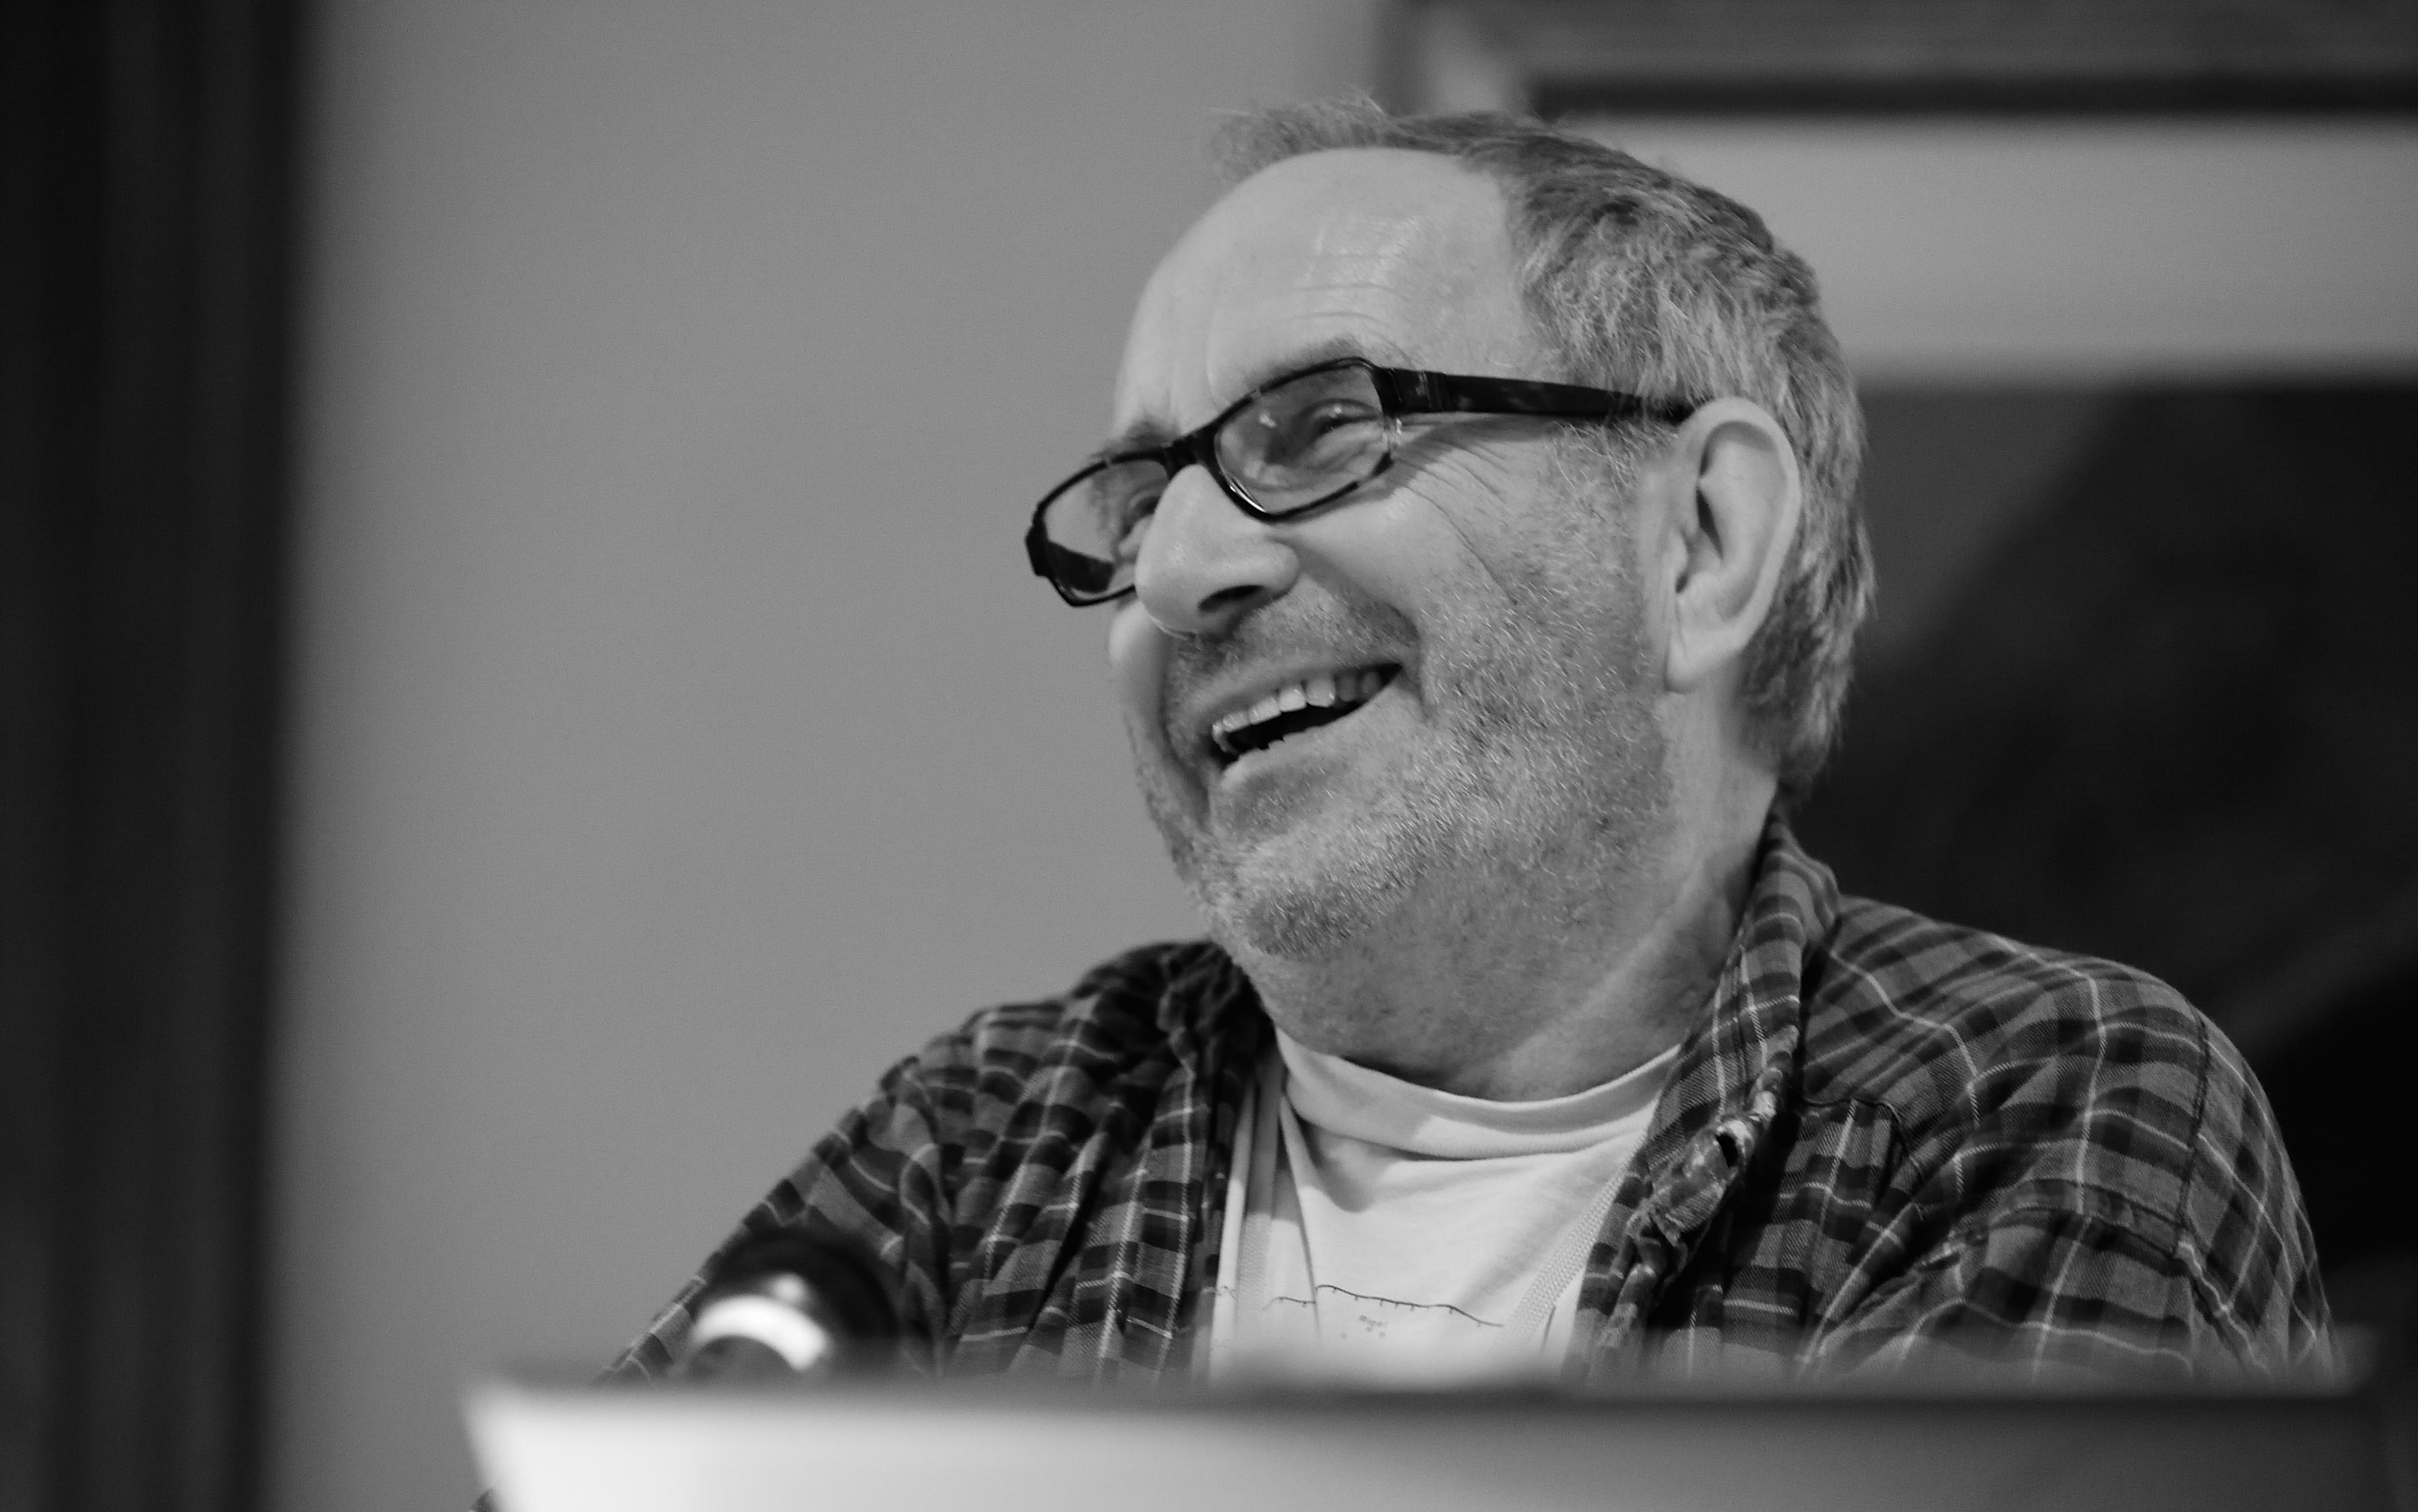 Gribbin at [[Novacon]] in 2014